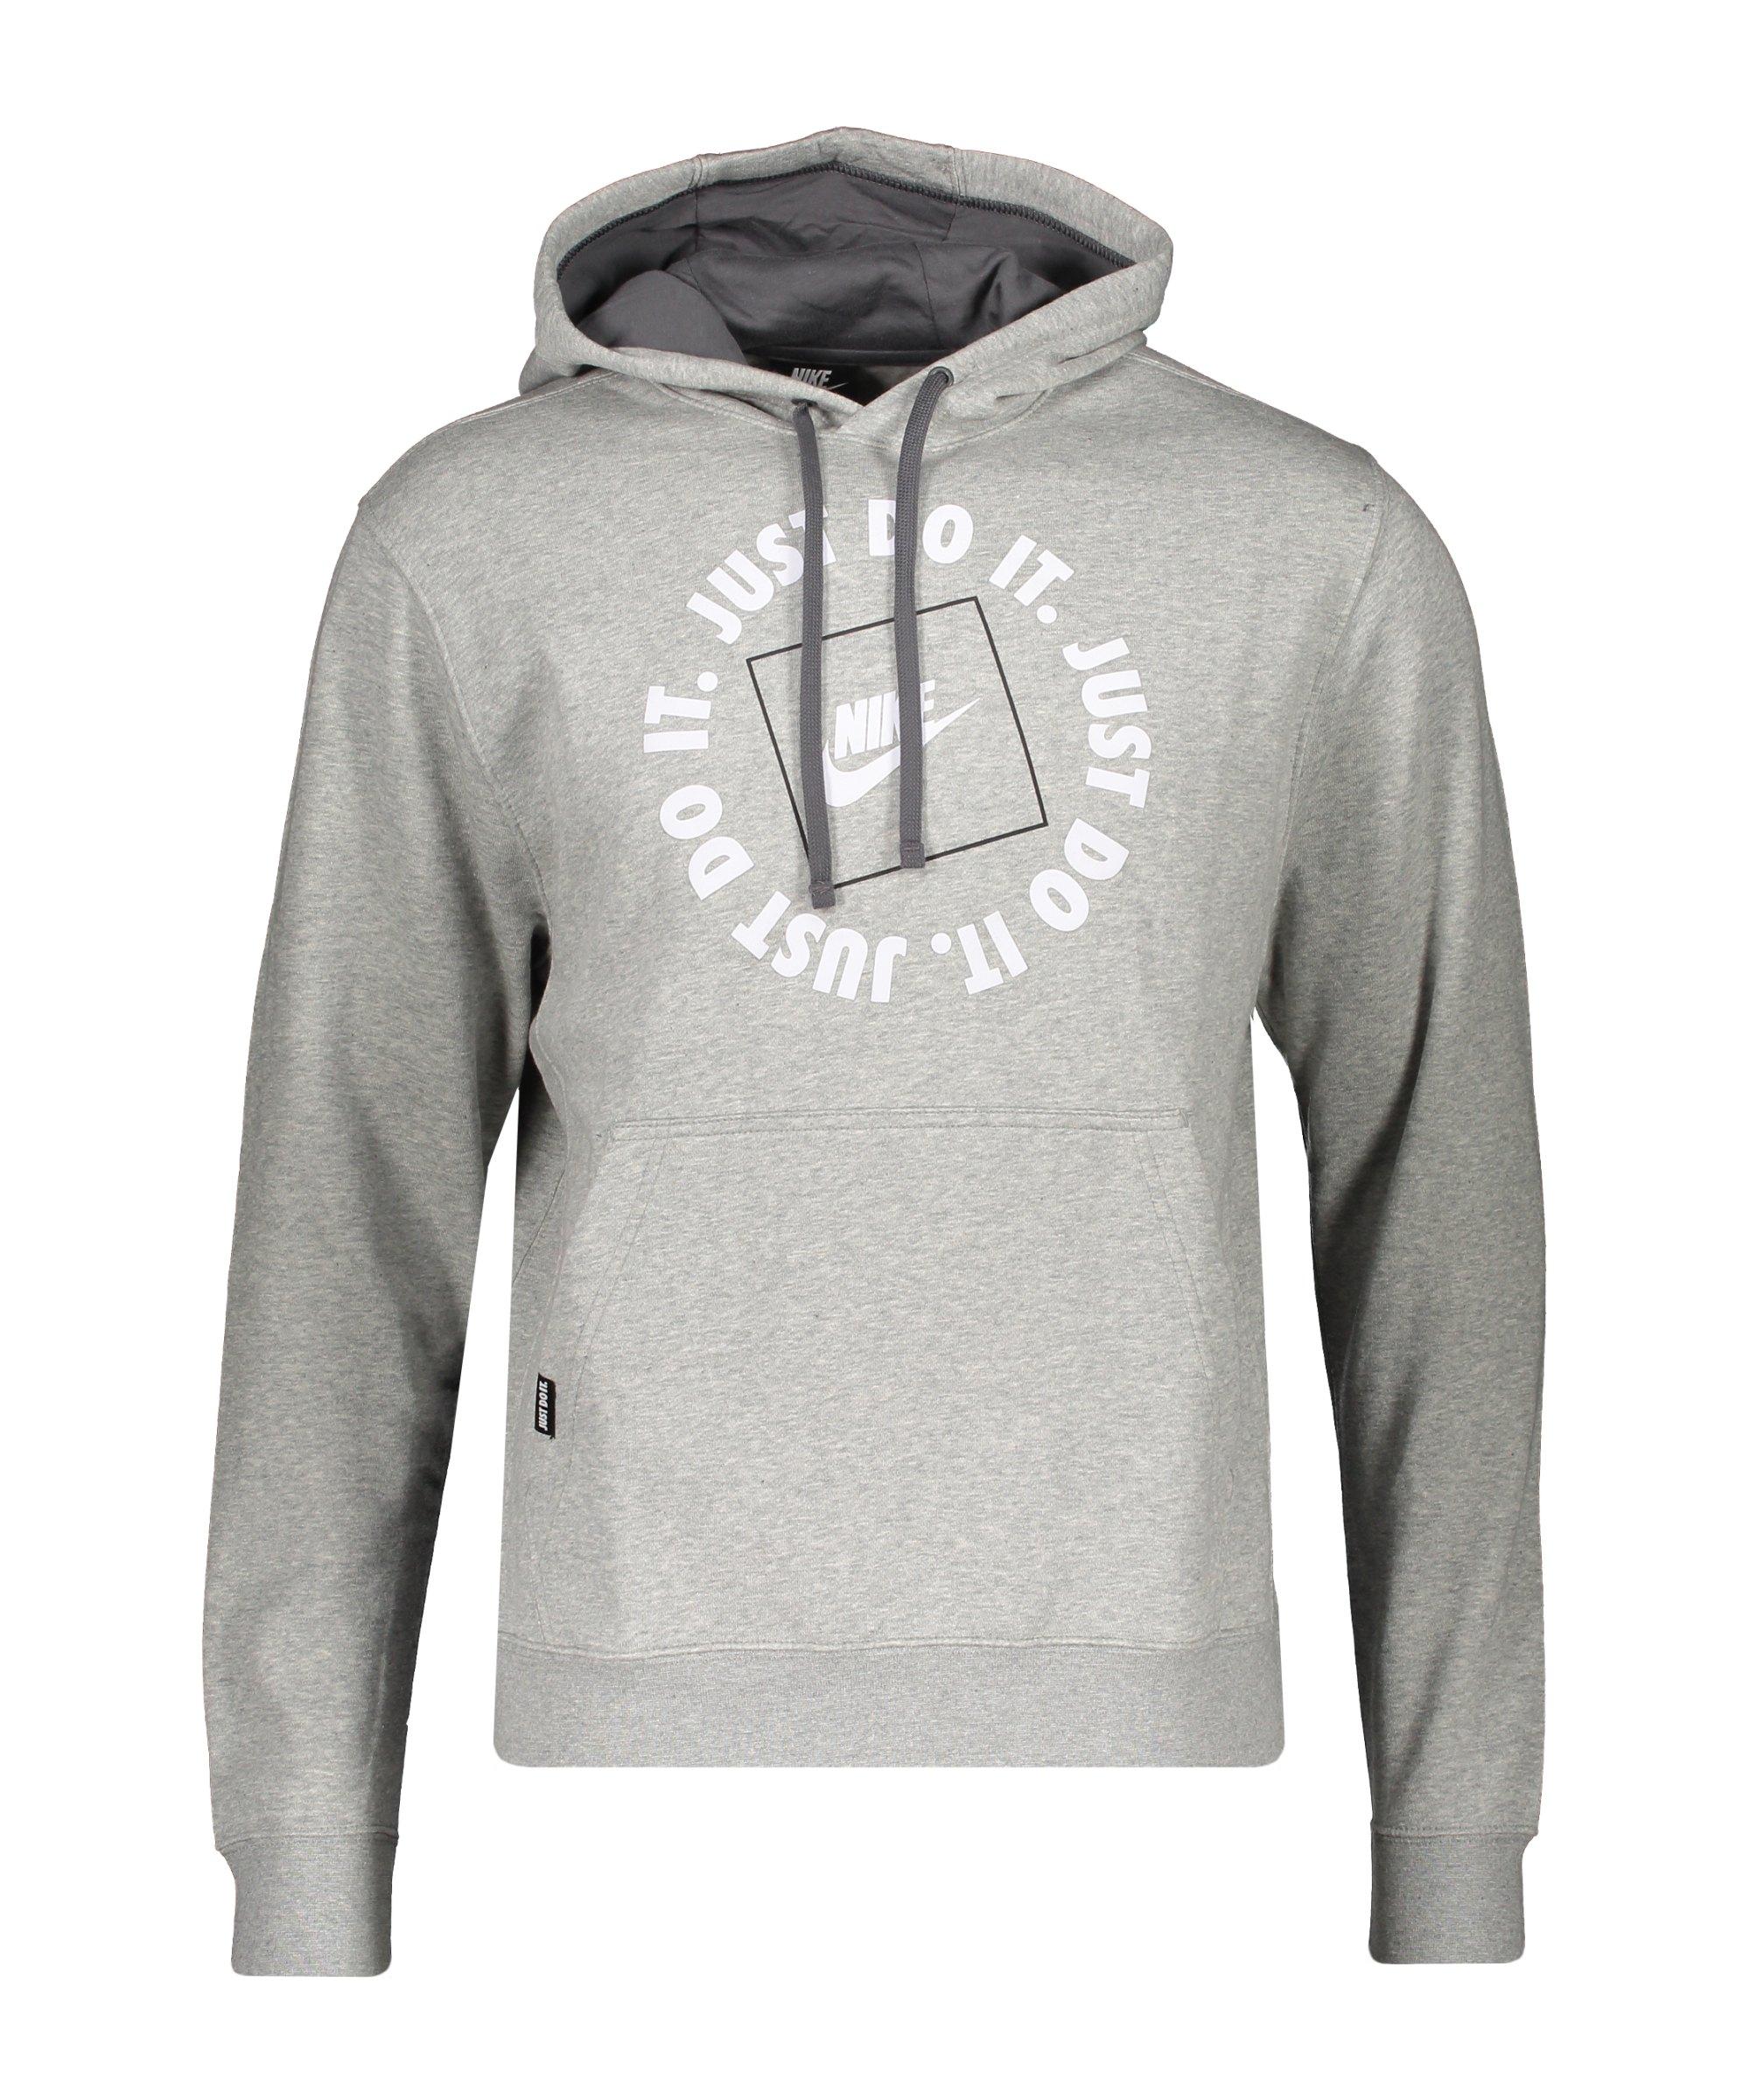 Nike Just Do It Fleece Hoody Grau F063 - grau